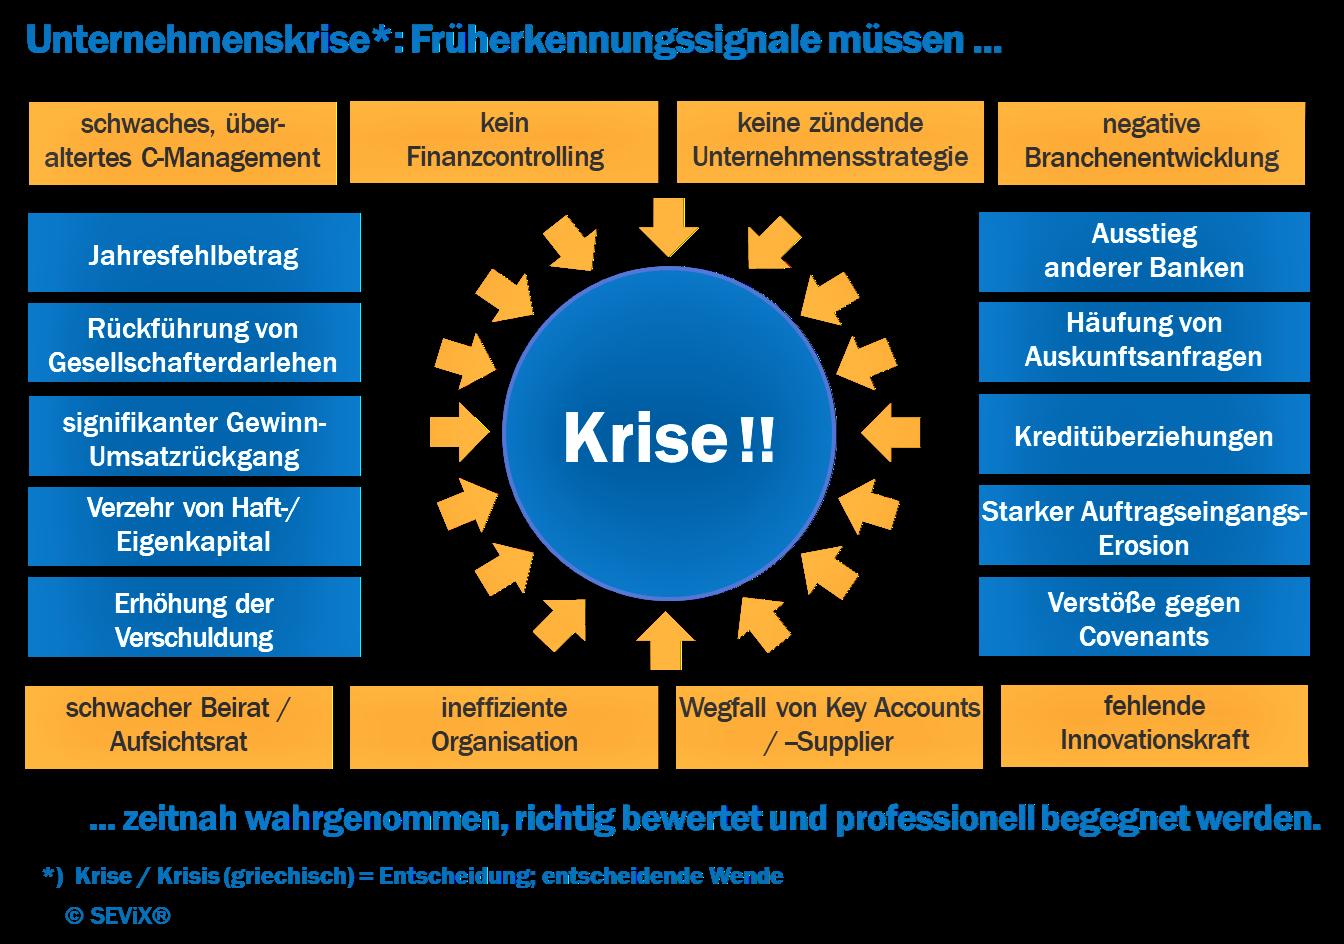 Unternehmenskrise - Früherkennungssignale_ de (final)